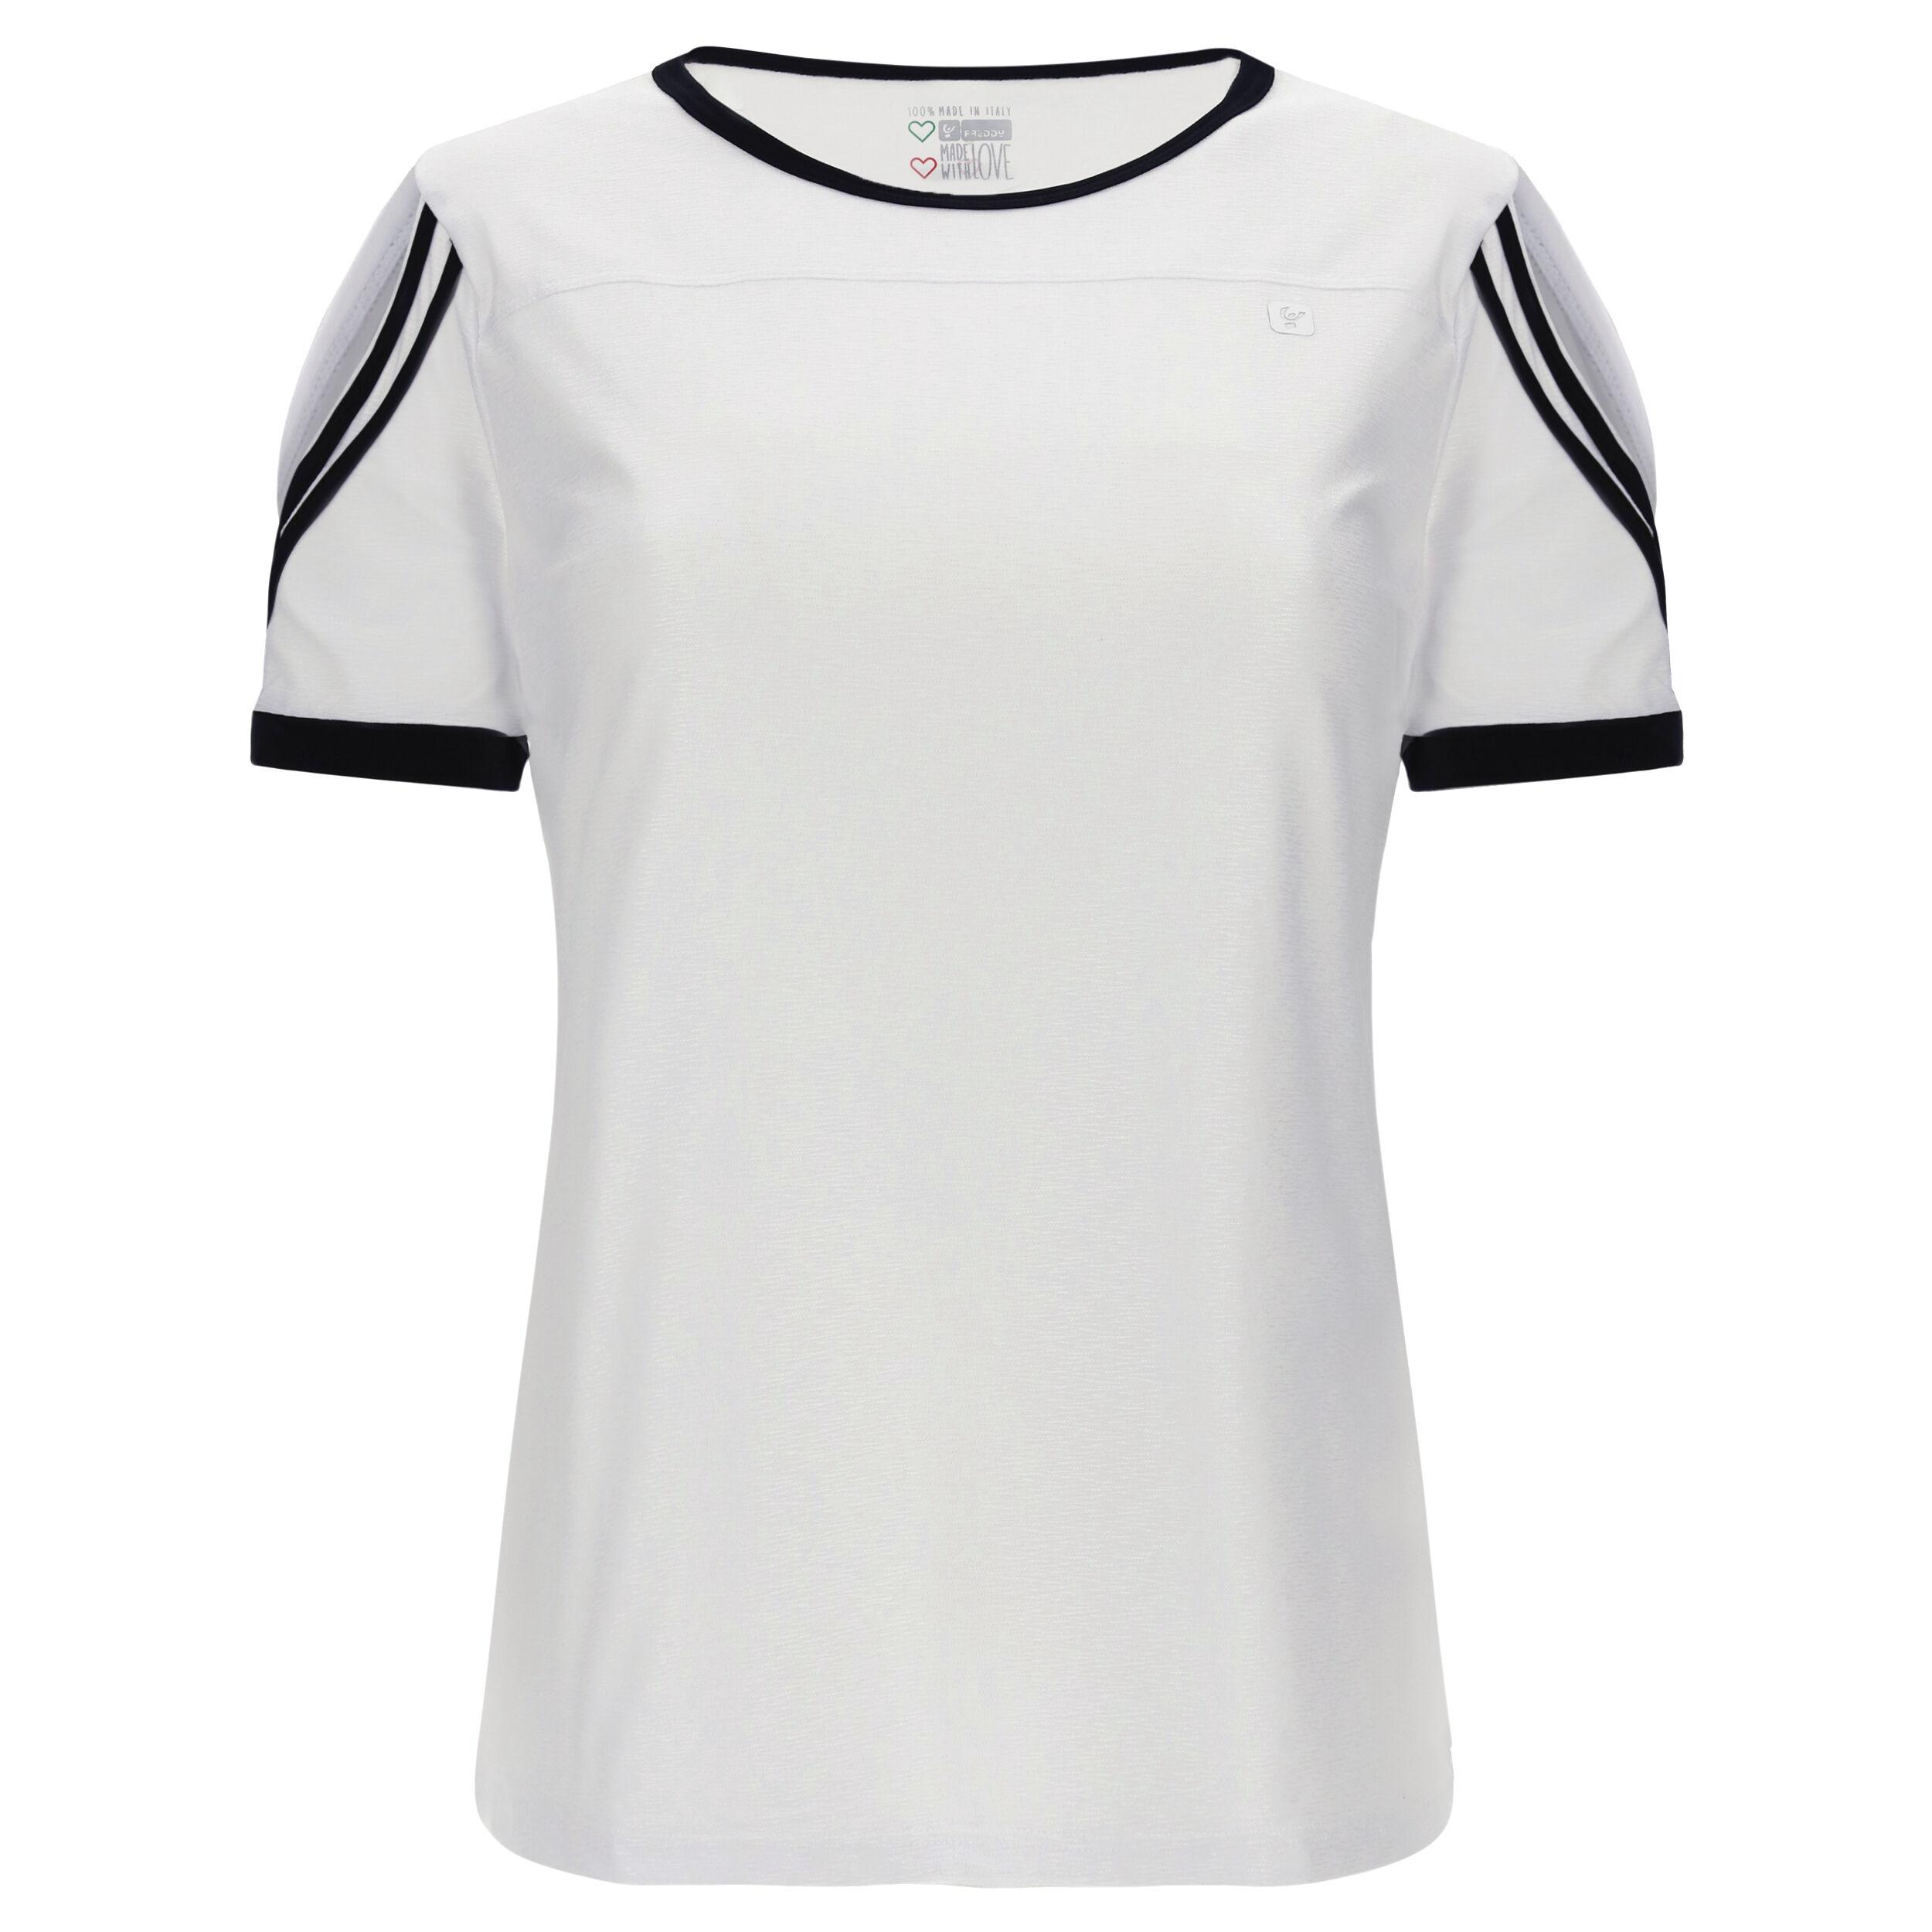 Freddy T-shirt jersey abbigliamento yoga donna -100% Made in Italy Bianco-Nero